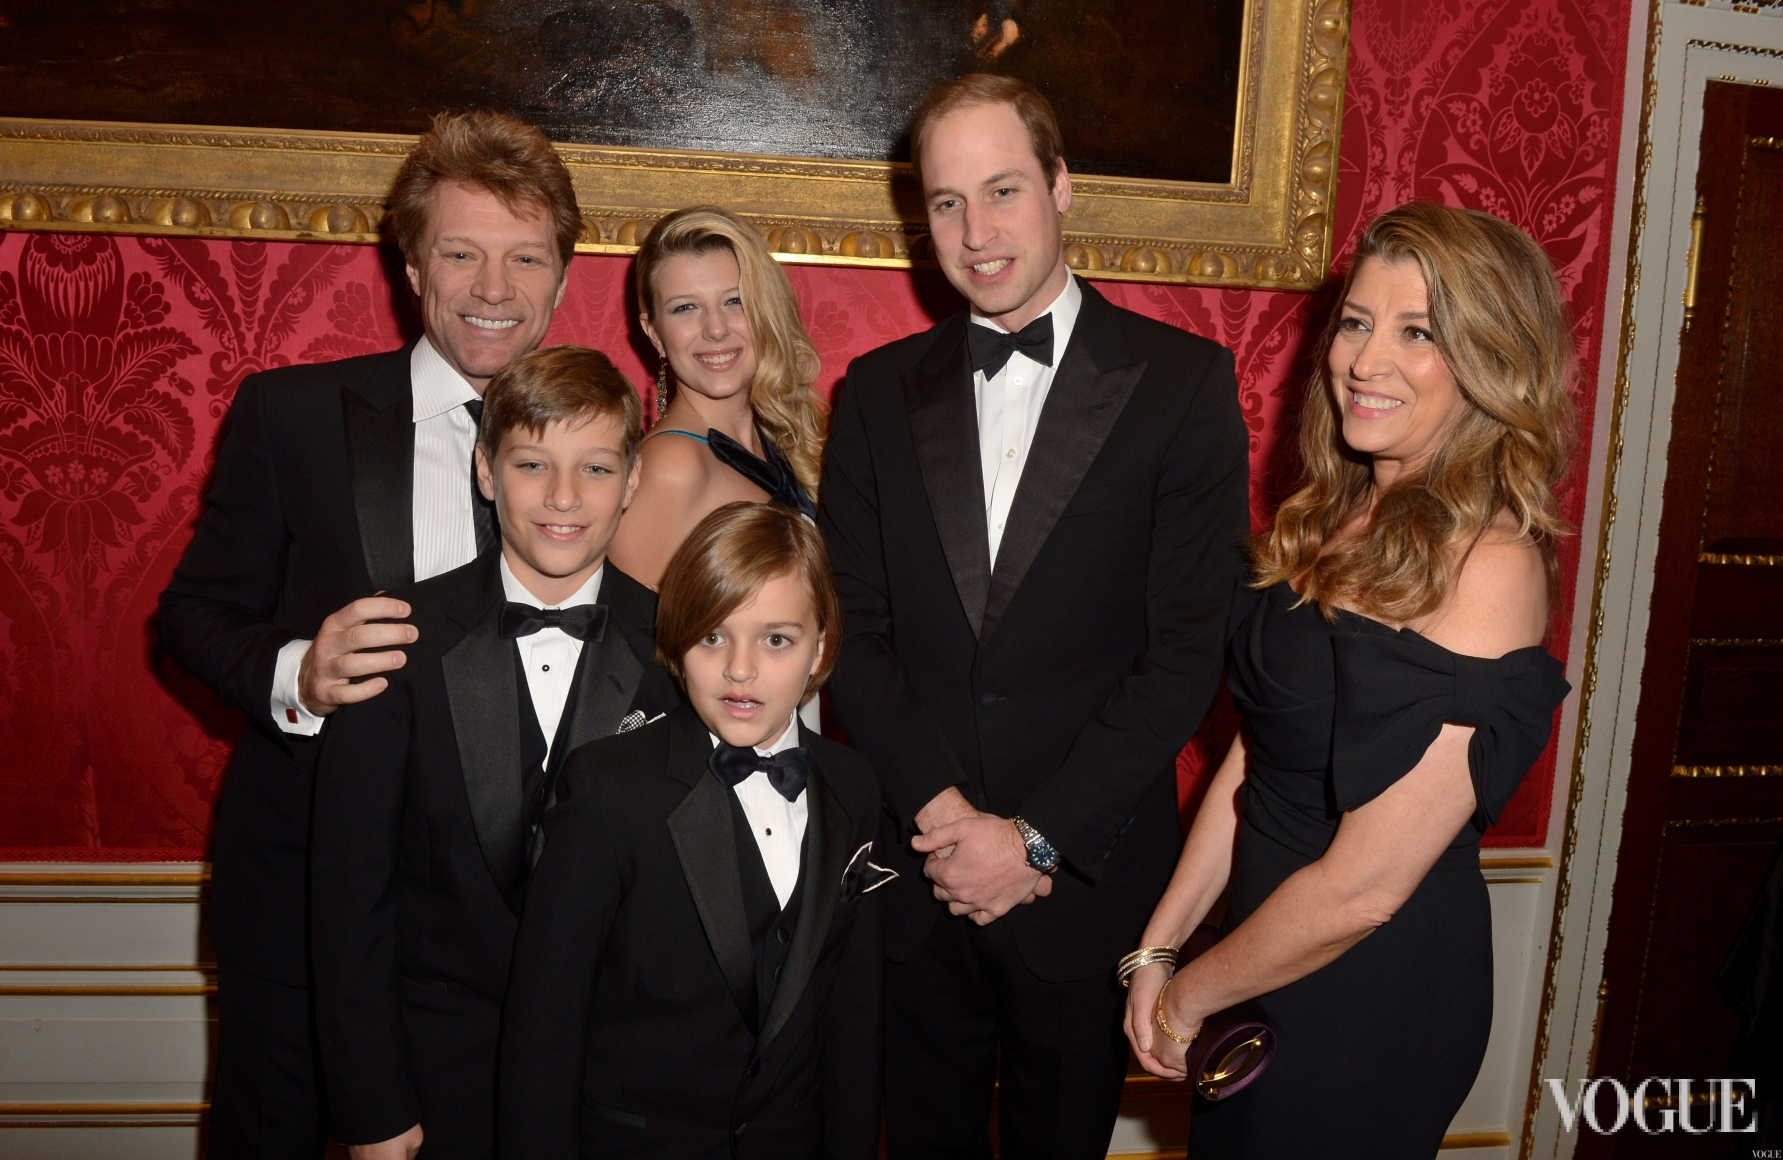 Принц Уильям и Джон Бон Джови с семьей